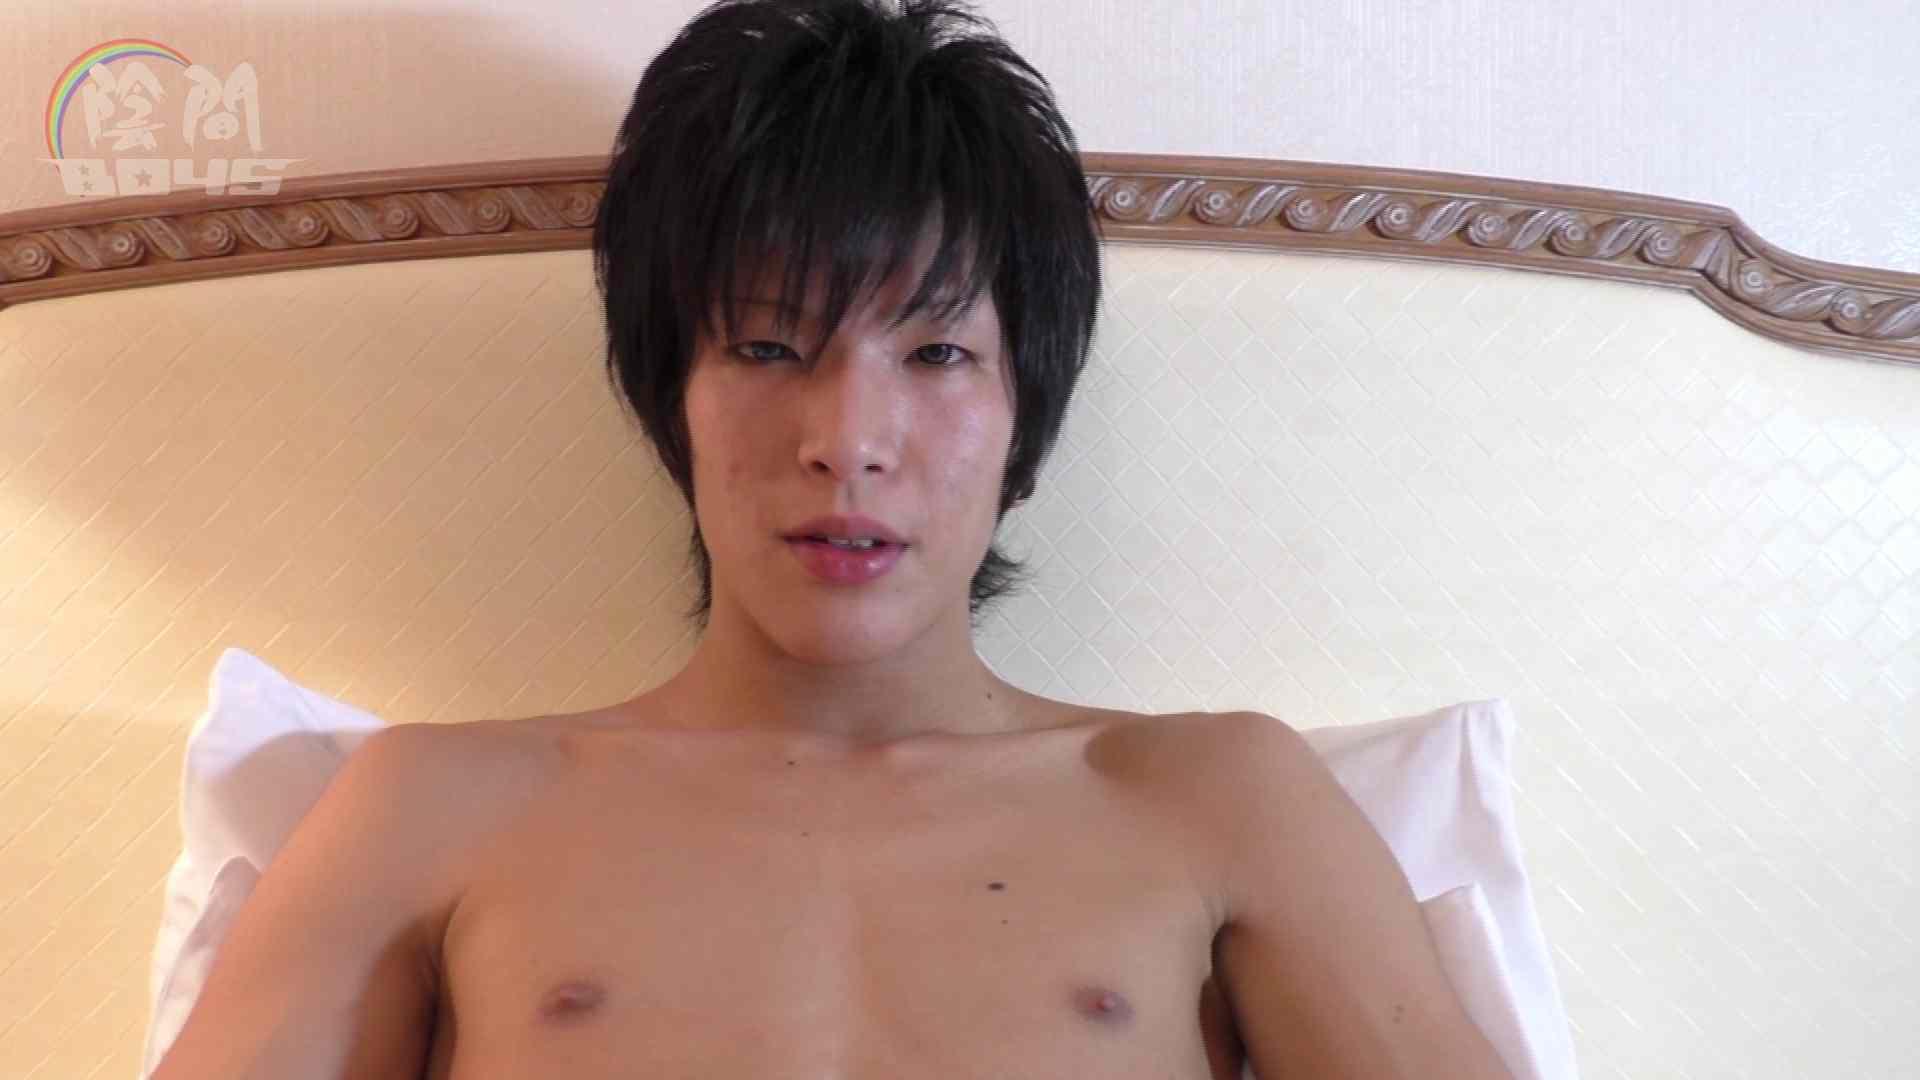 """ADのお仕事part3 part3 No.05""""アナルやばいっす"""" オナニー ゲイヌード画像 83pic 3"""